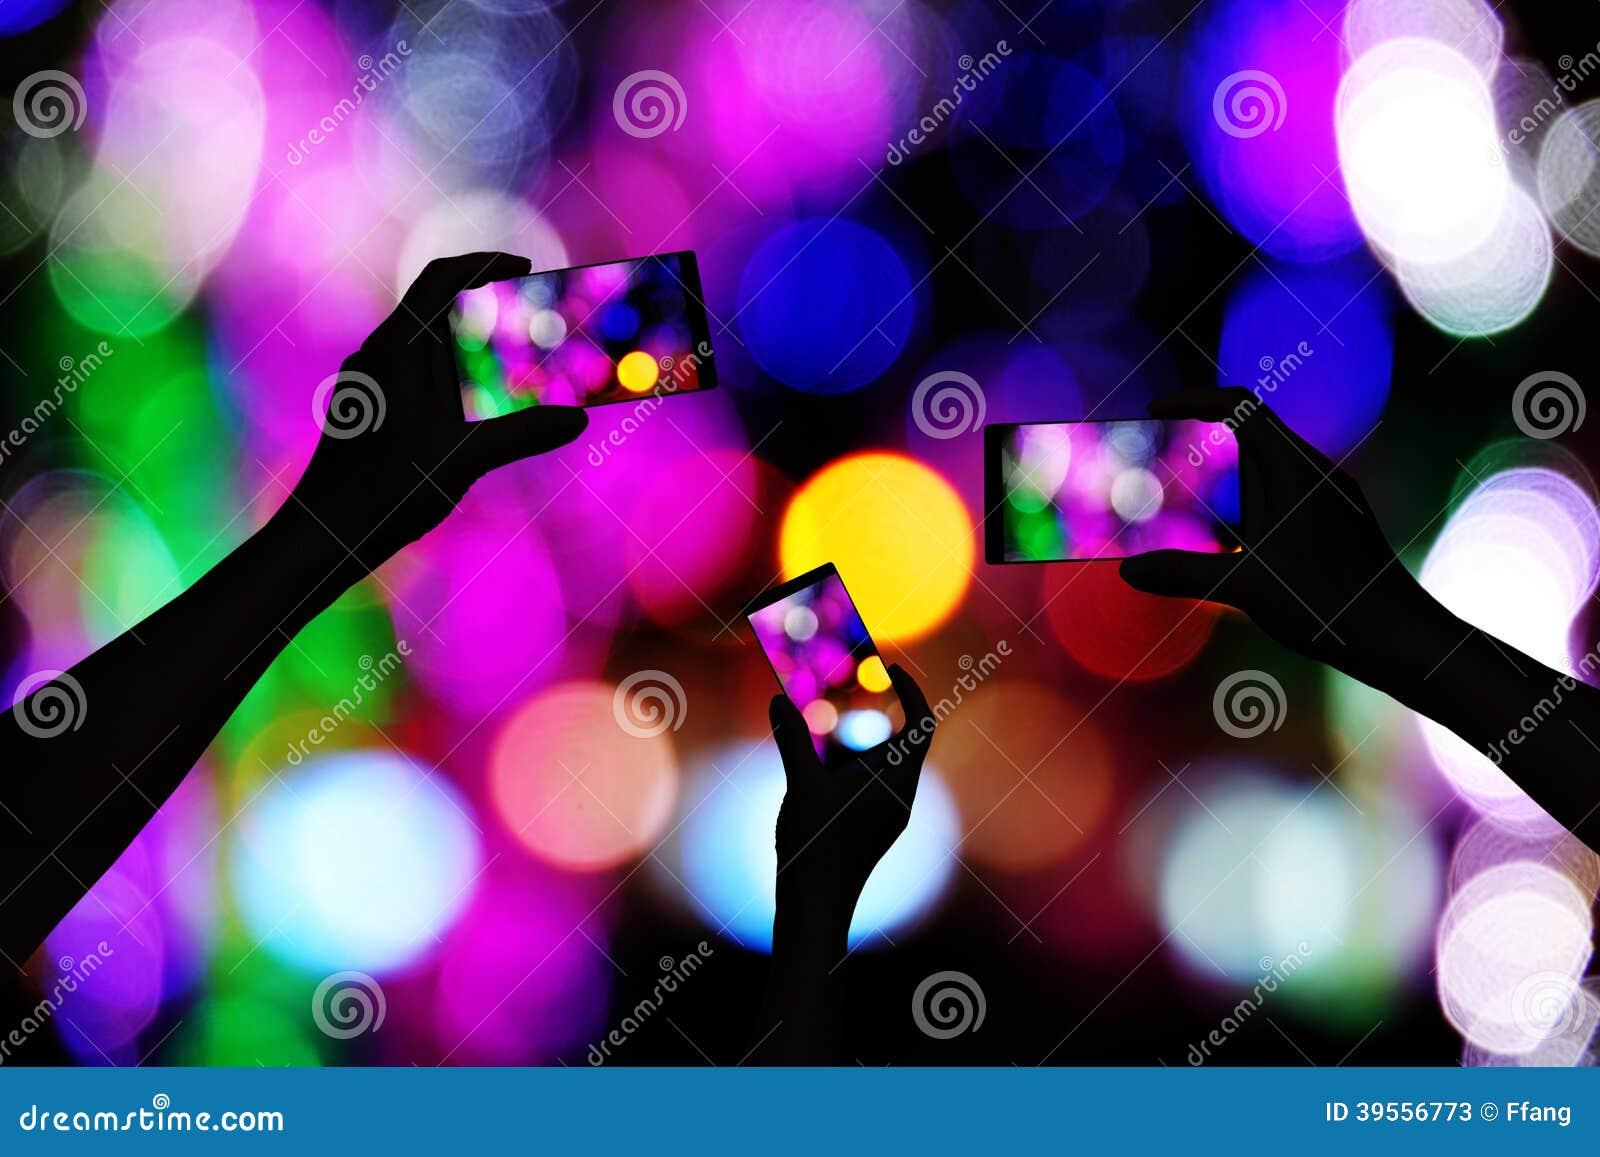 Machen Sie Fotos des Neons